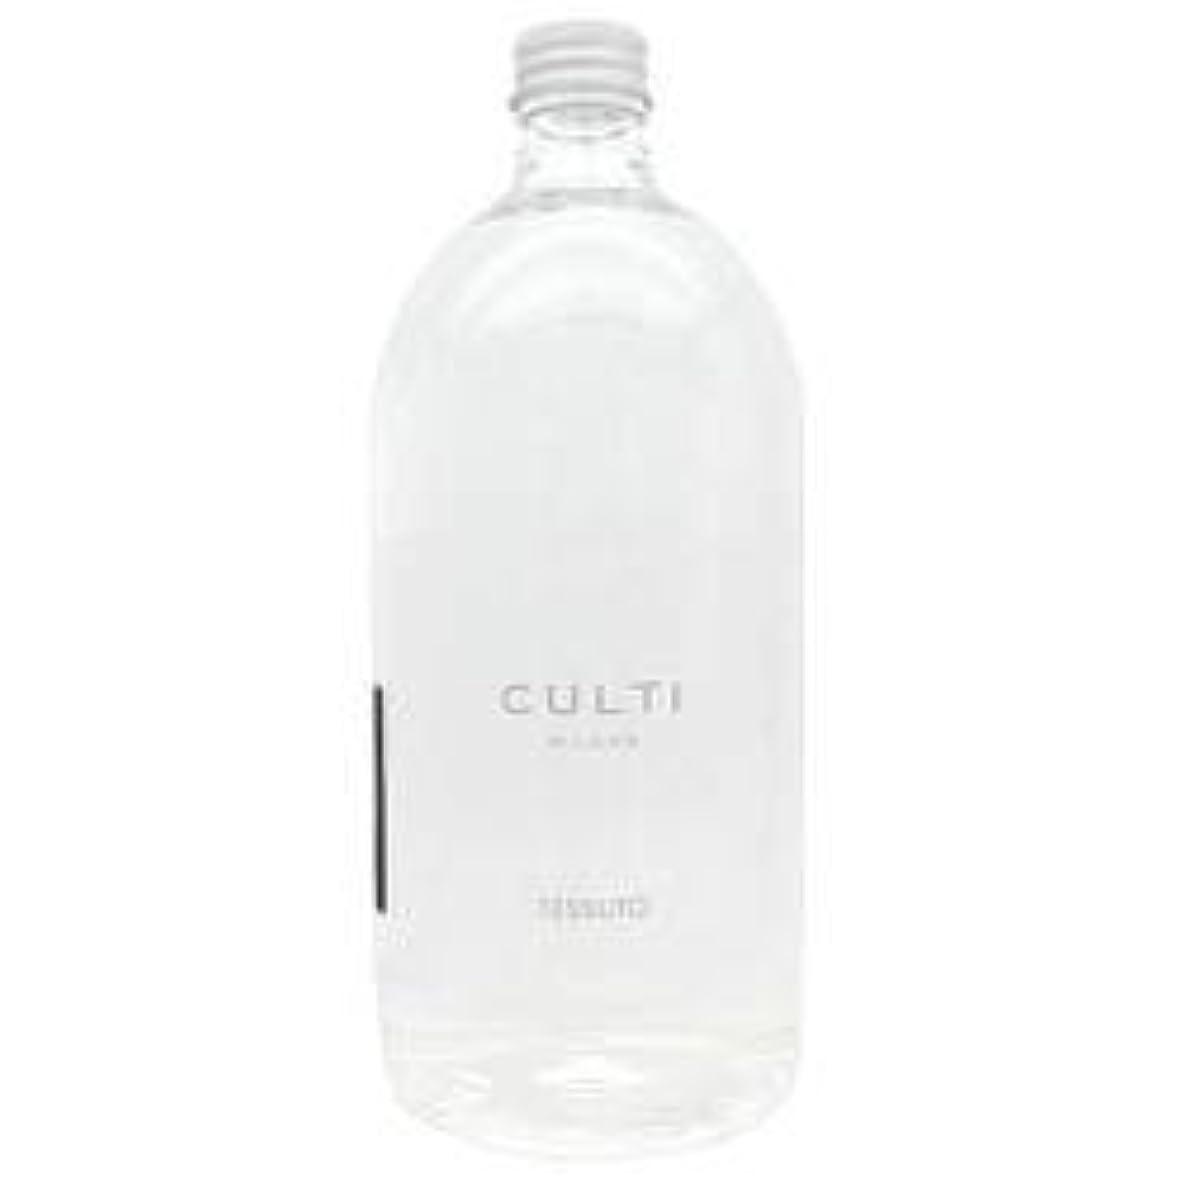 検査官強制の量【CULTI】クルティ ディフューザー リフィル TESSUTO 1000ml [並行輸入品]